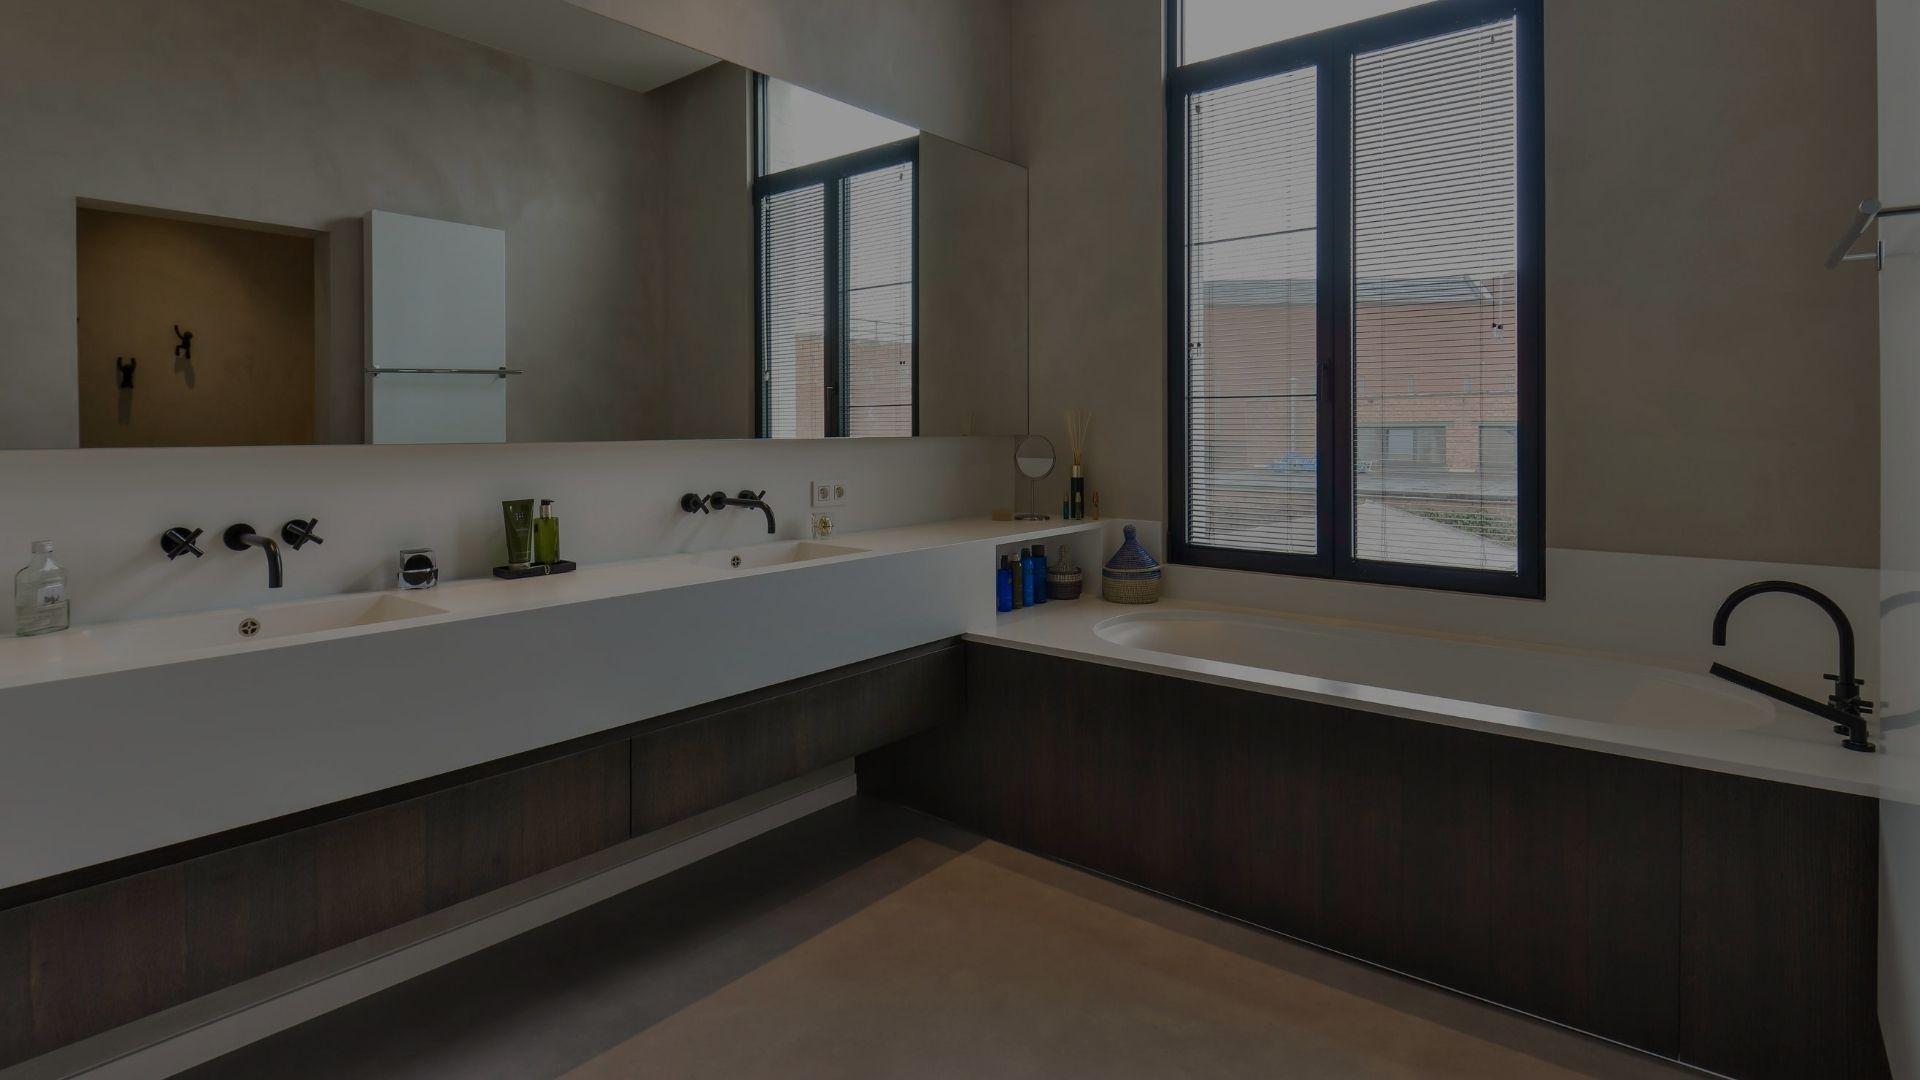 ceulemans meubelmakerij schrijnwerkerij lier badkamer hout